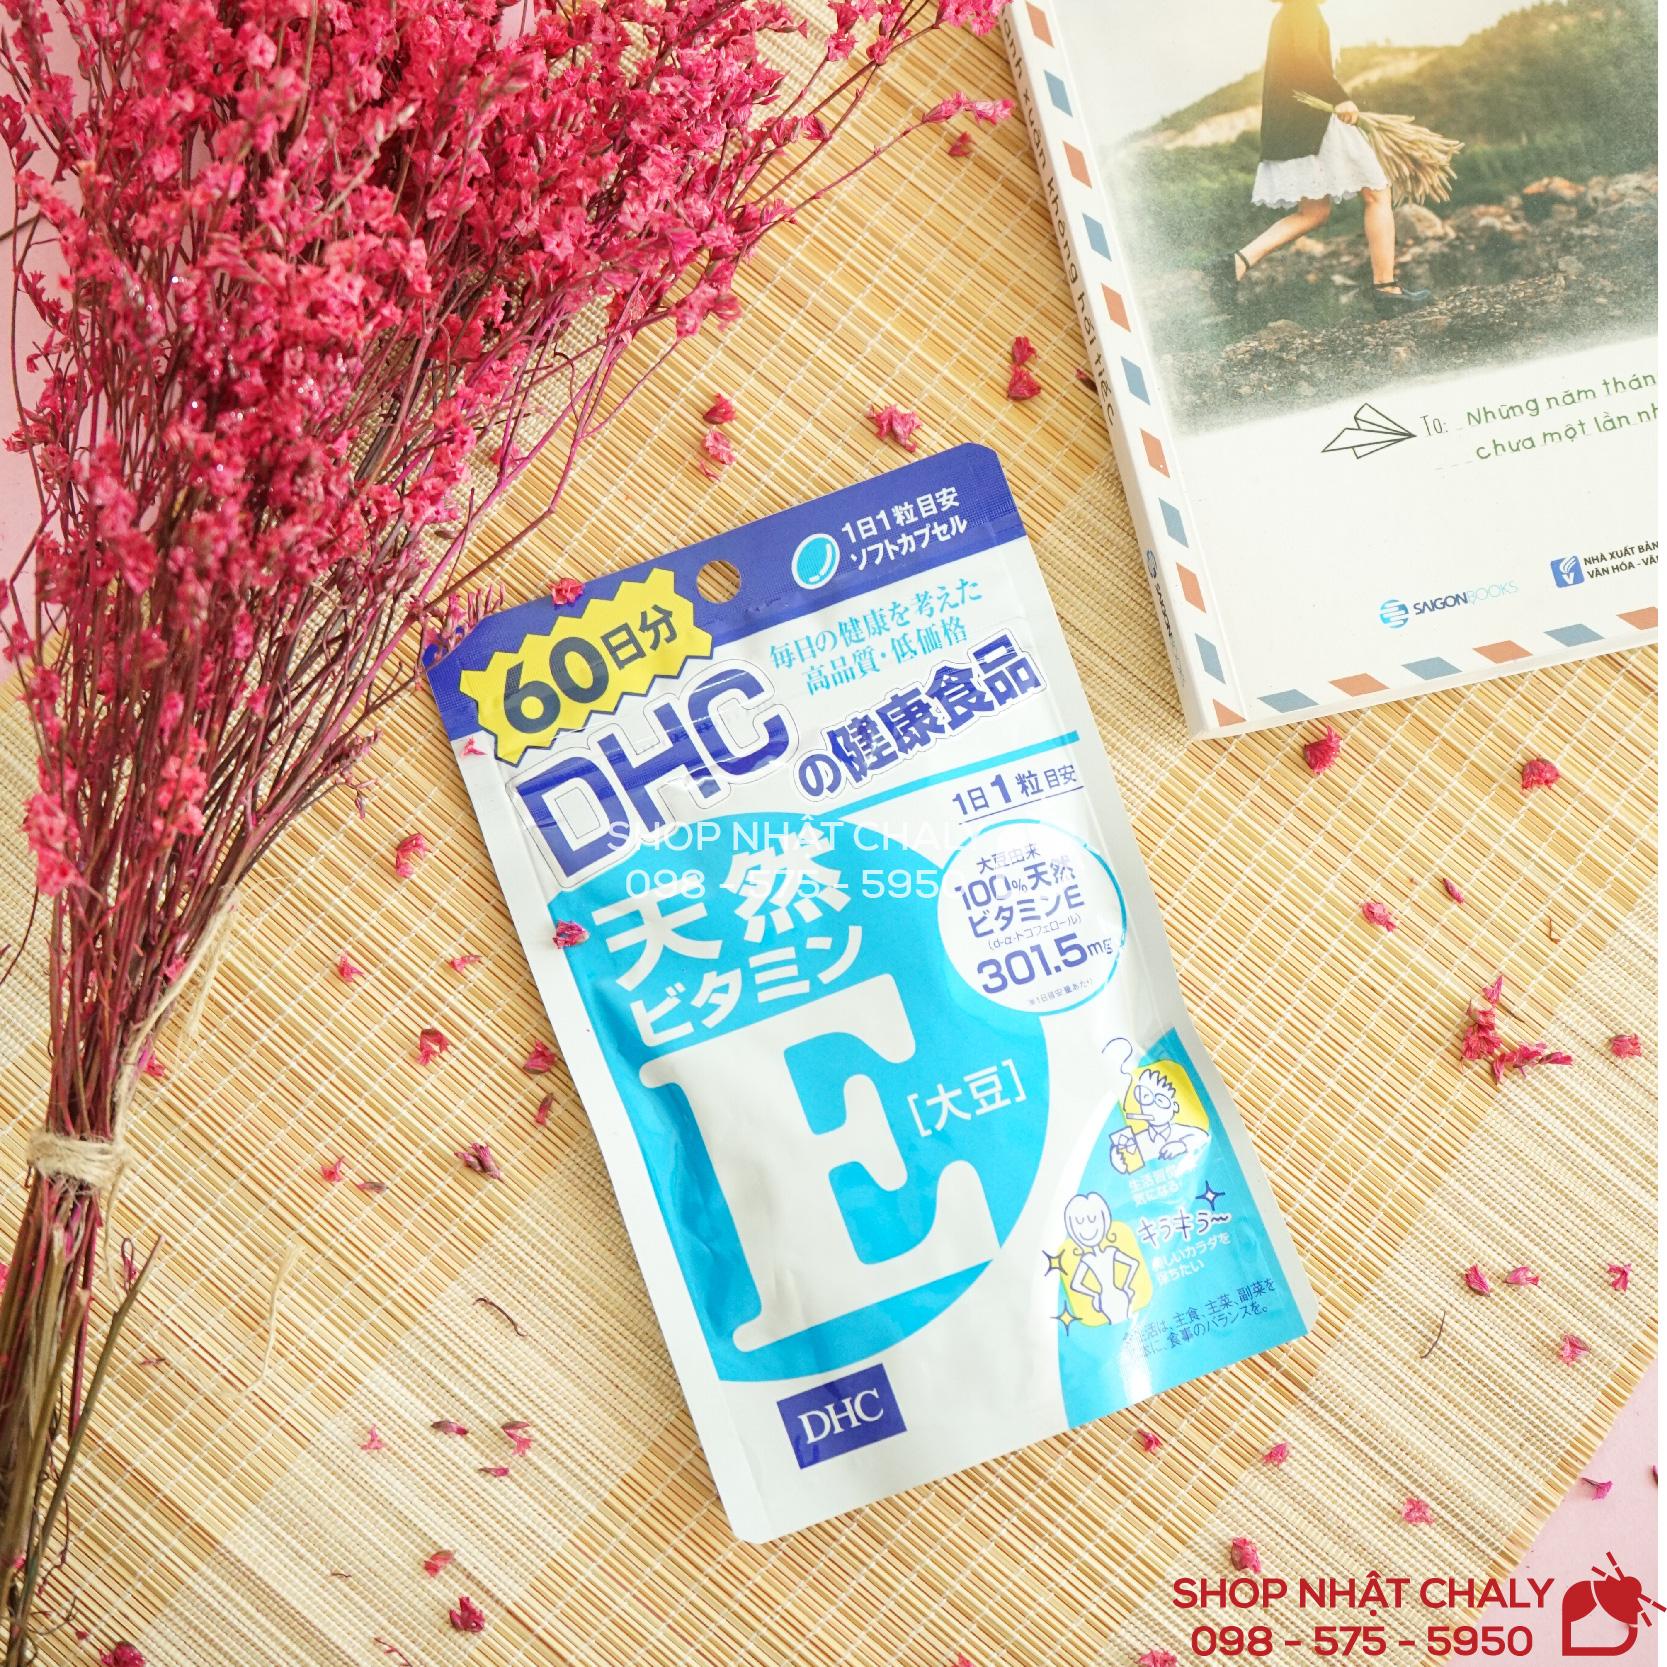 Bổ sung vô tội vạ vitamin E không chú ý liều lượng đương nhiên là không tốt. Nhưng bổ sung vitamin e Nhật Bản theo đúng liều lượng của DHC khuyến cáo thì không ảnh hưởng sức khoẻ